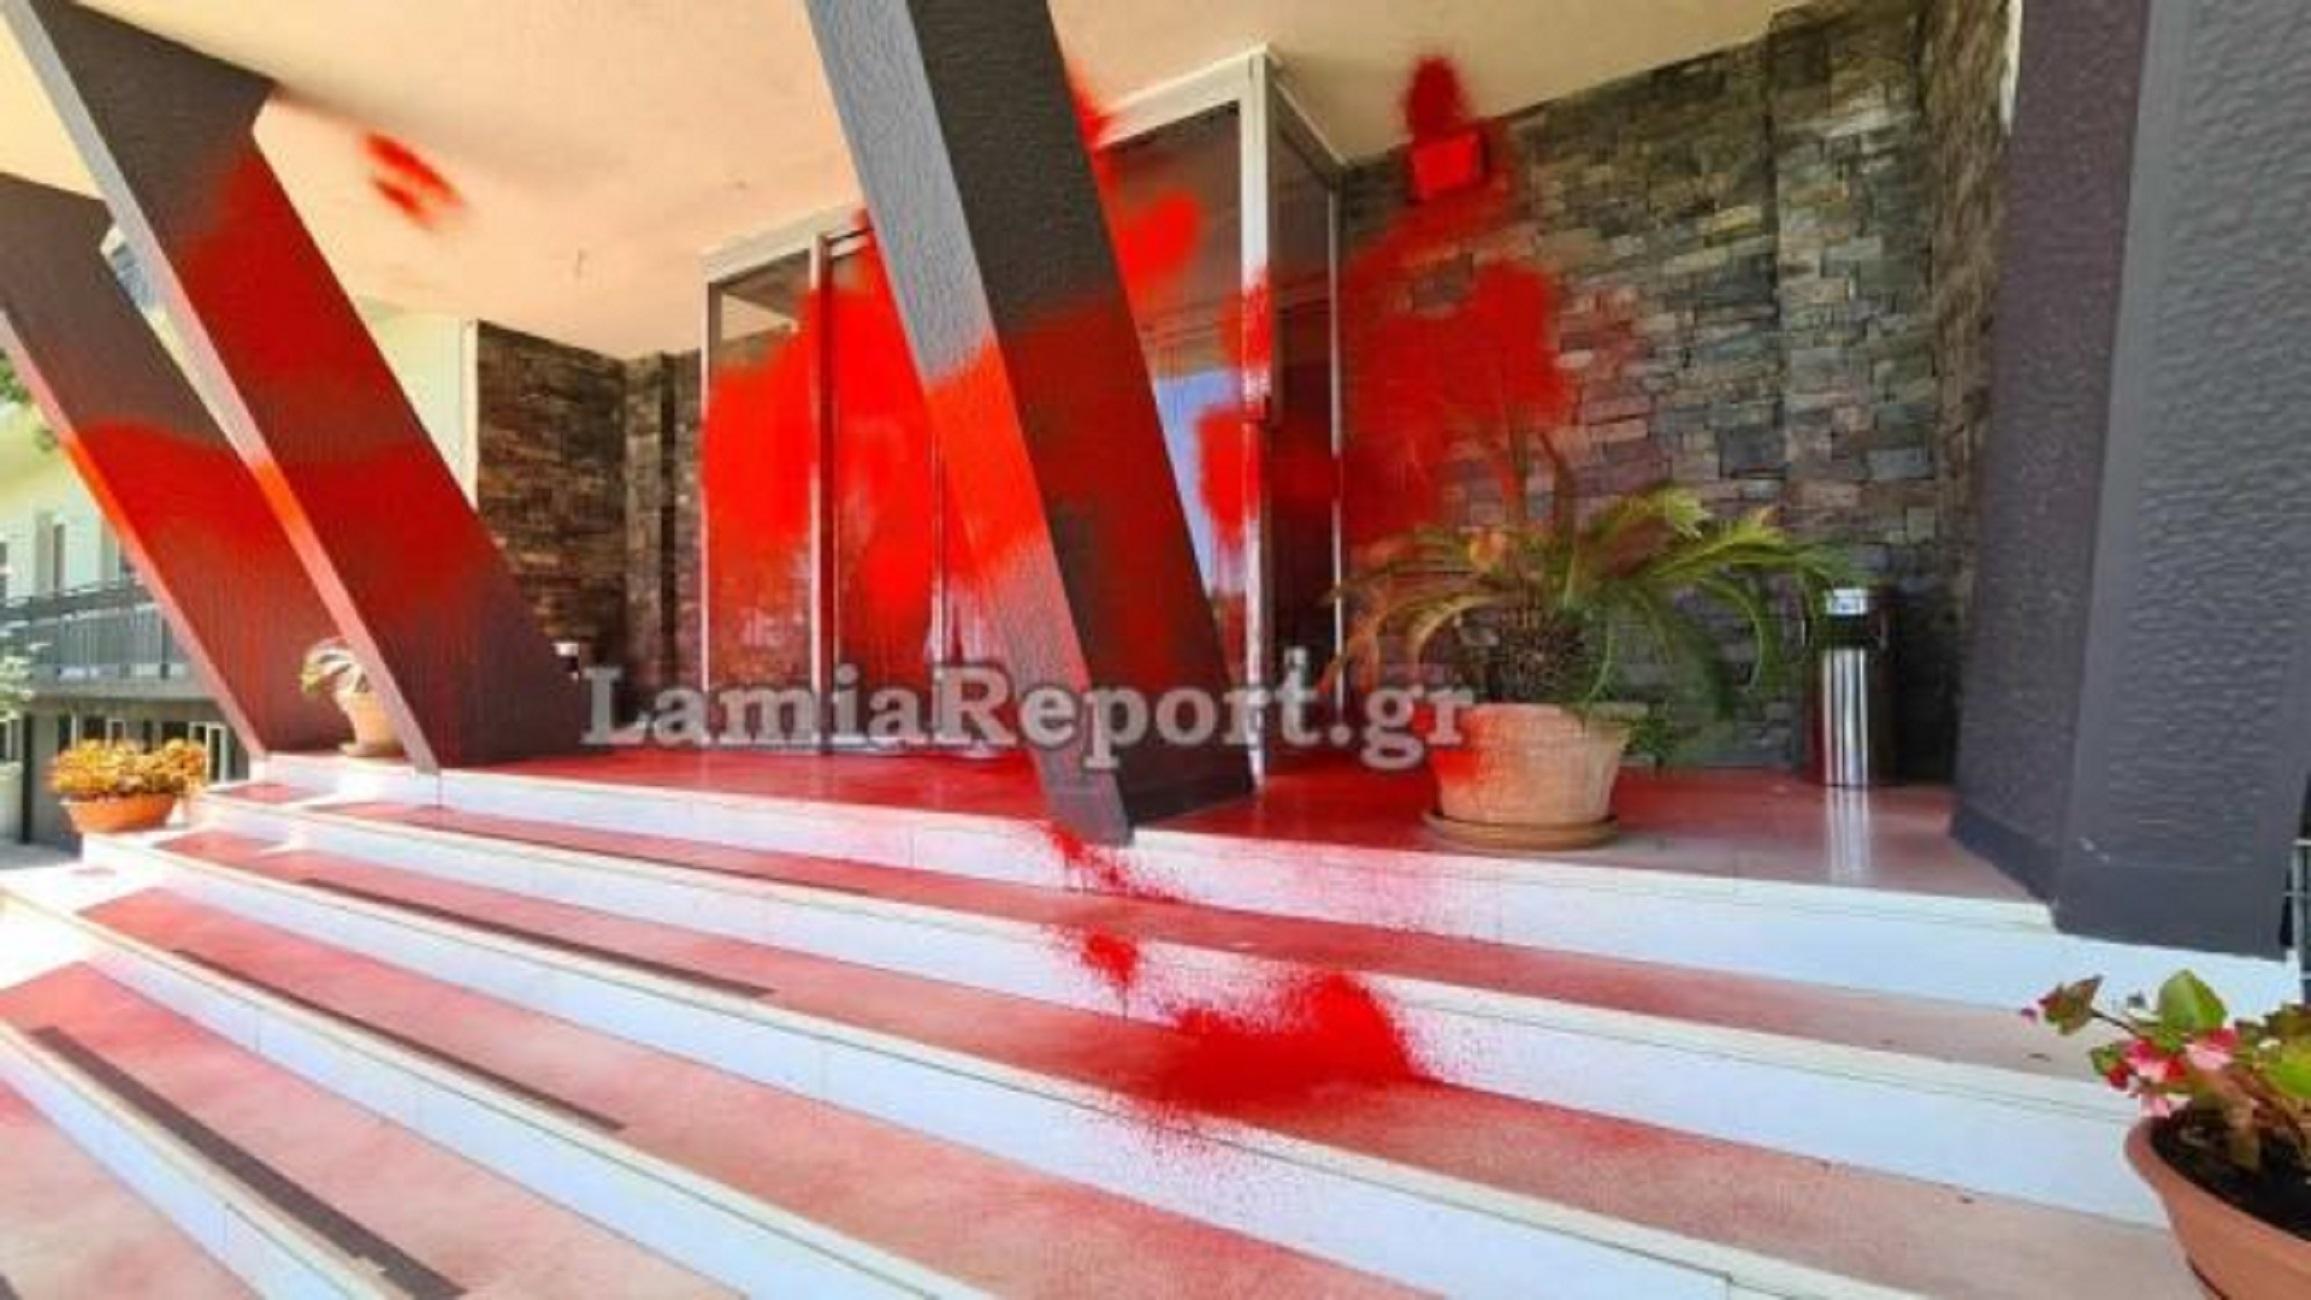 Λαμία: Ο Ρουβίκωνας έριξε μπογιές στο κτίριο της Περιφέρειας (pics, video)